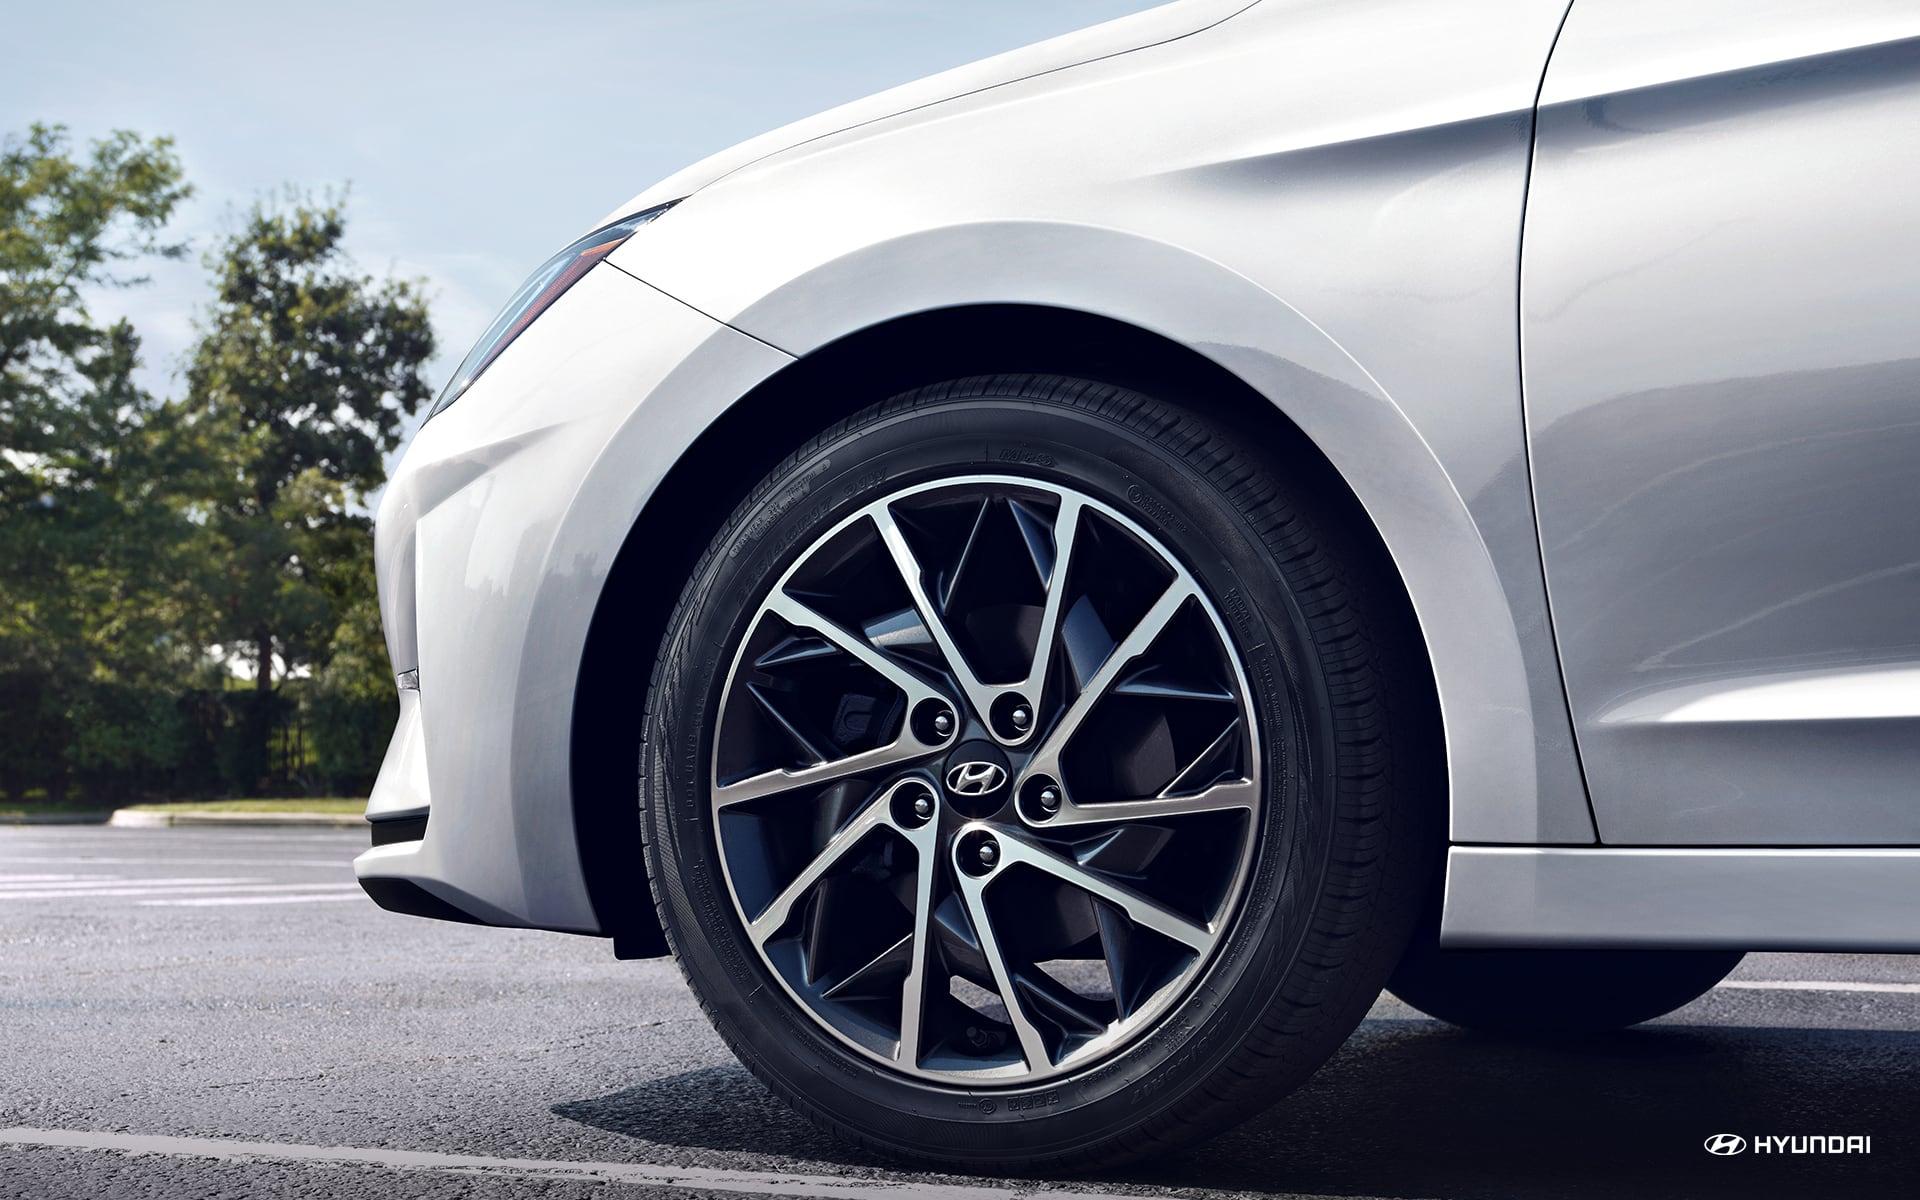 2020 Hyundai Elantra Performance